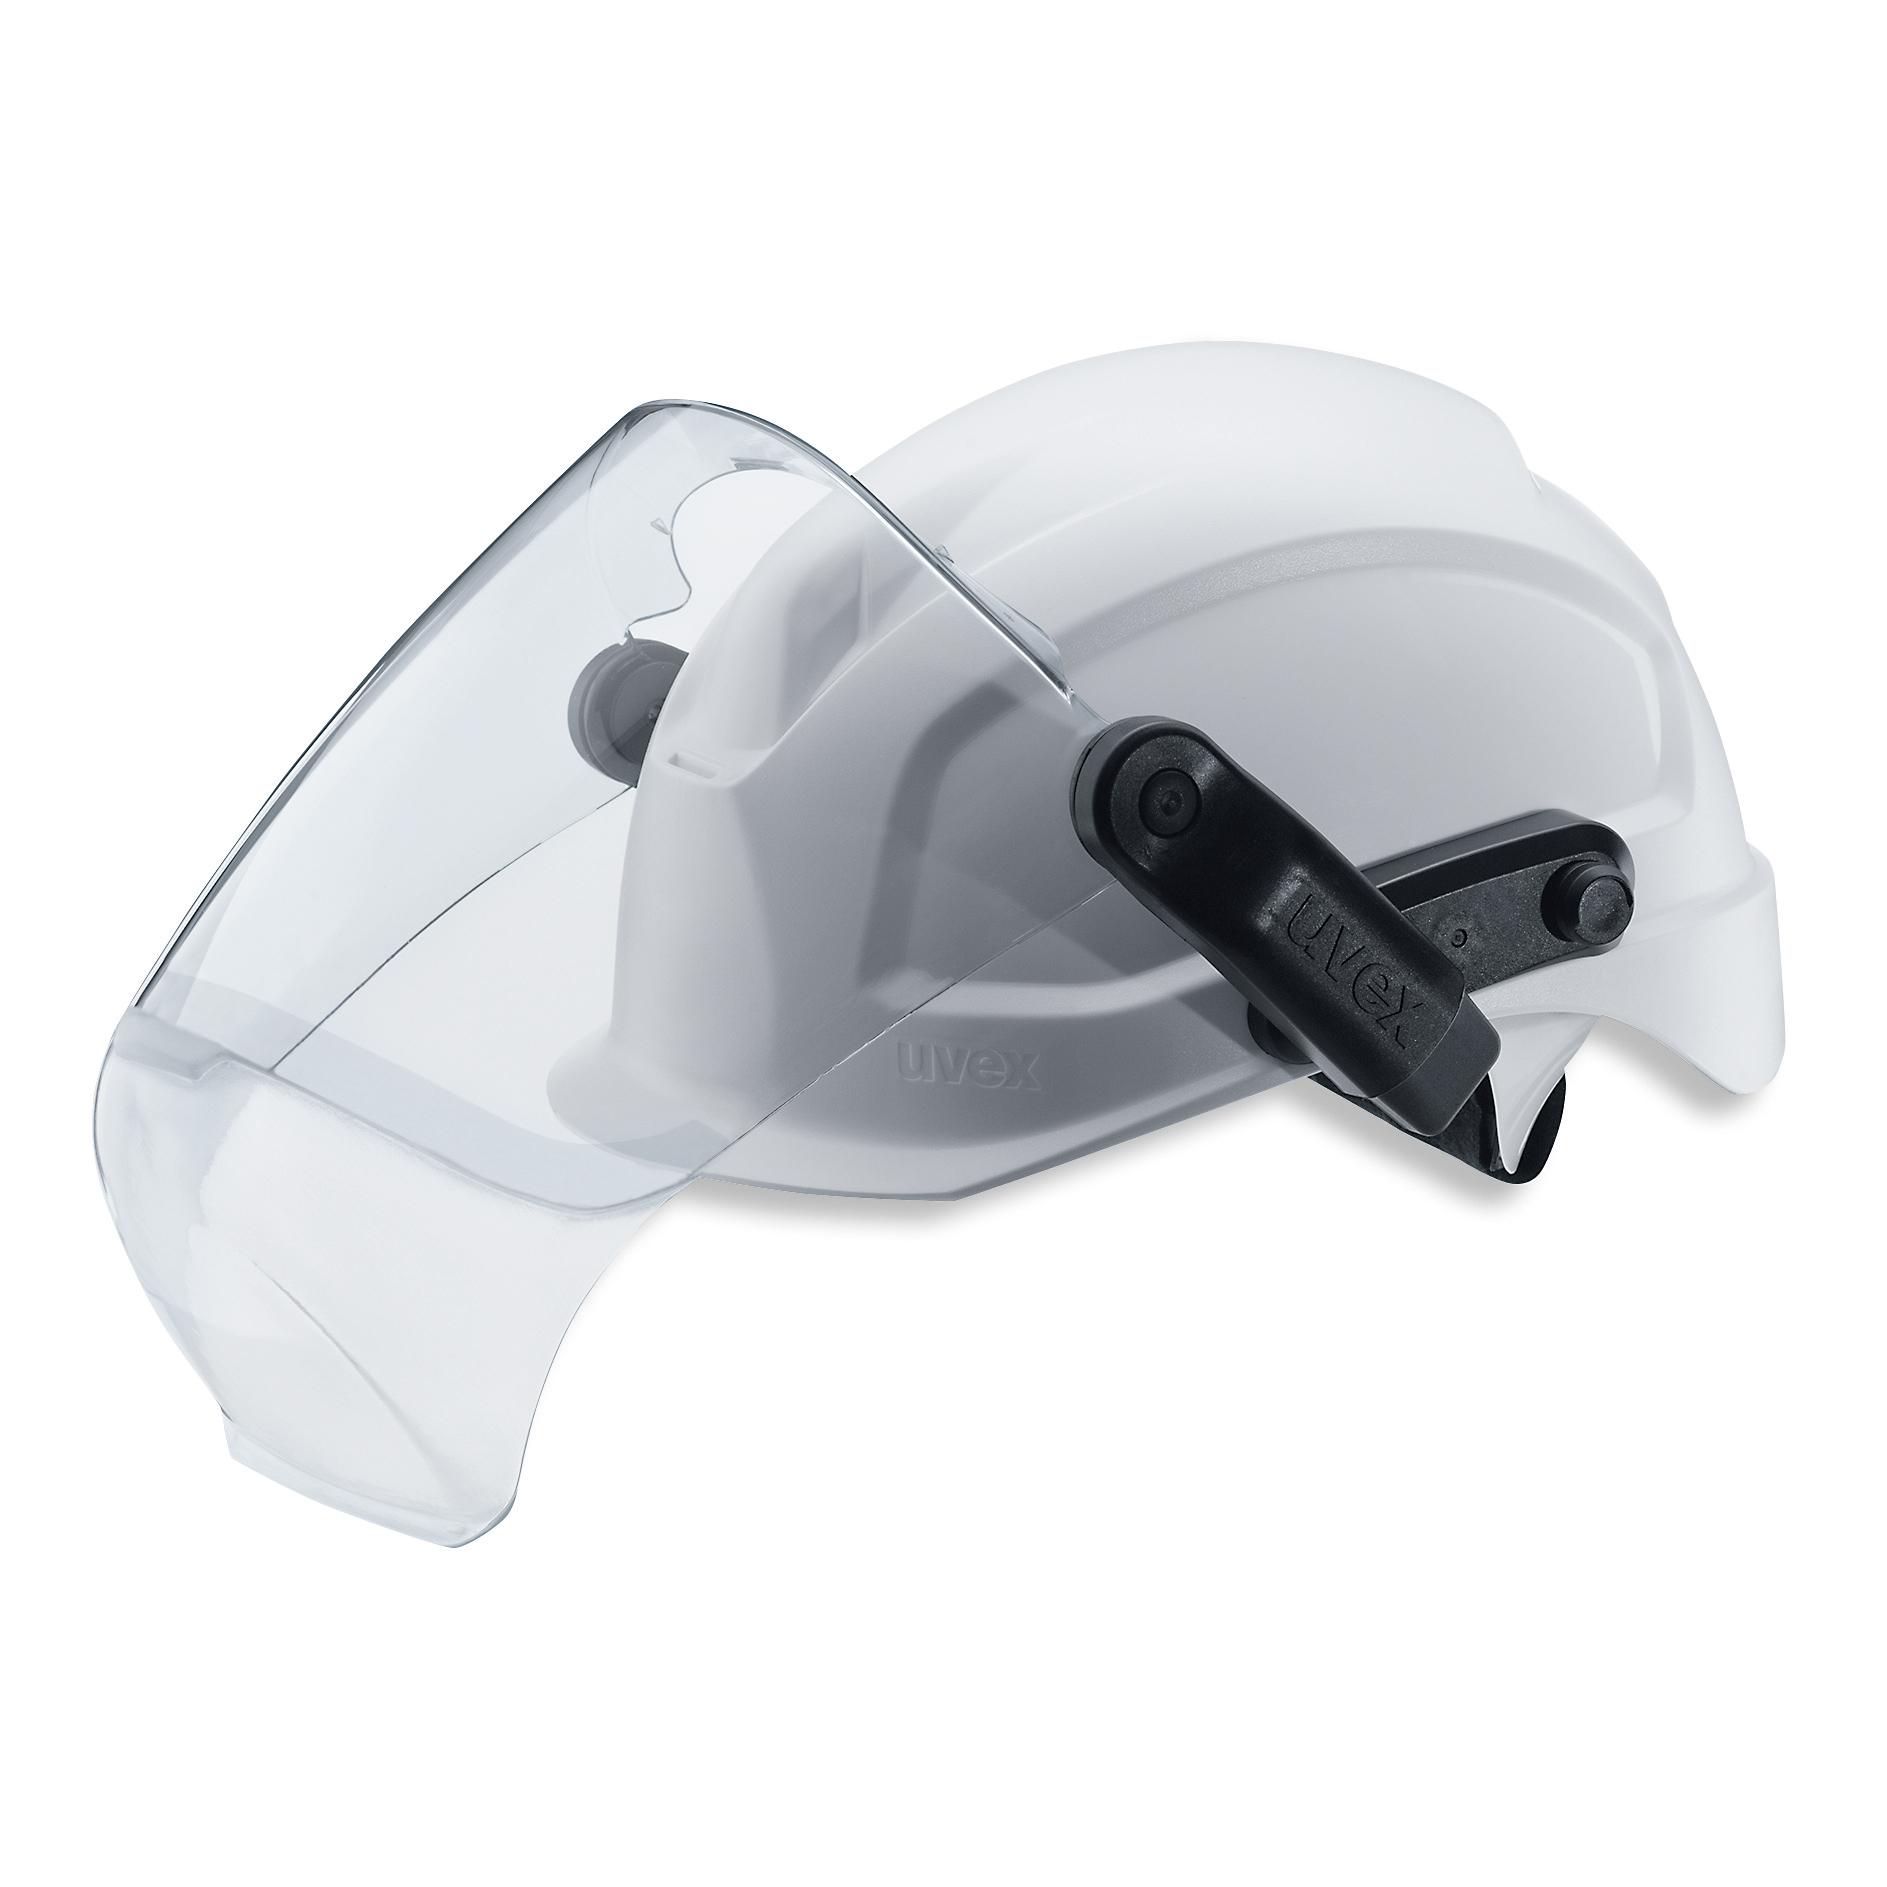 Protection anti-UV400 Lentilles Antibu/ée R/ésistantes aux Rayures Produits Chimiques Lunettes de Protection uvex Pheos L/égeres Certifi/ées NF en 166 170 Oculaire PC Incolore